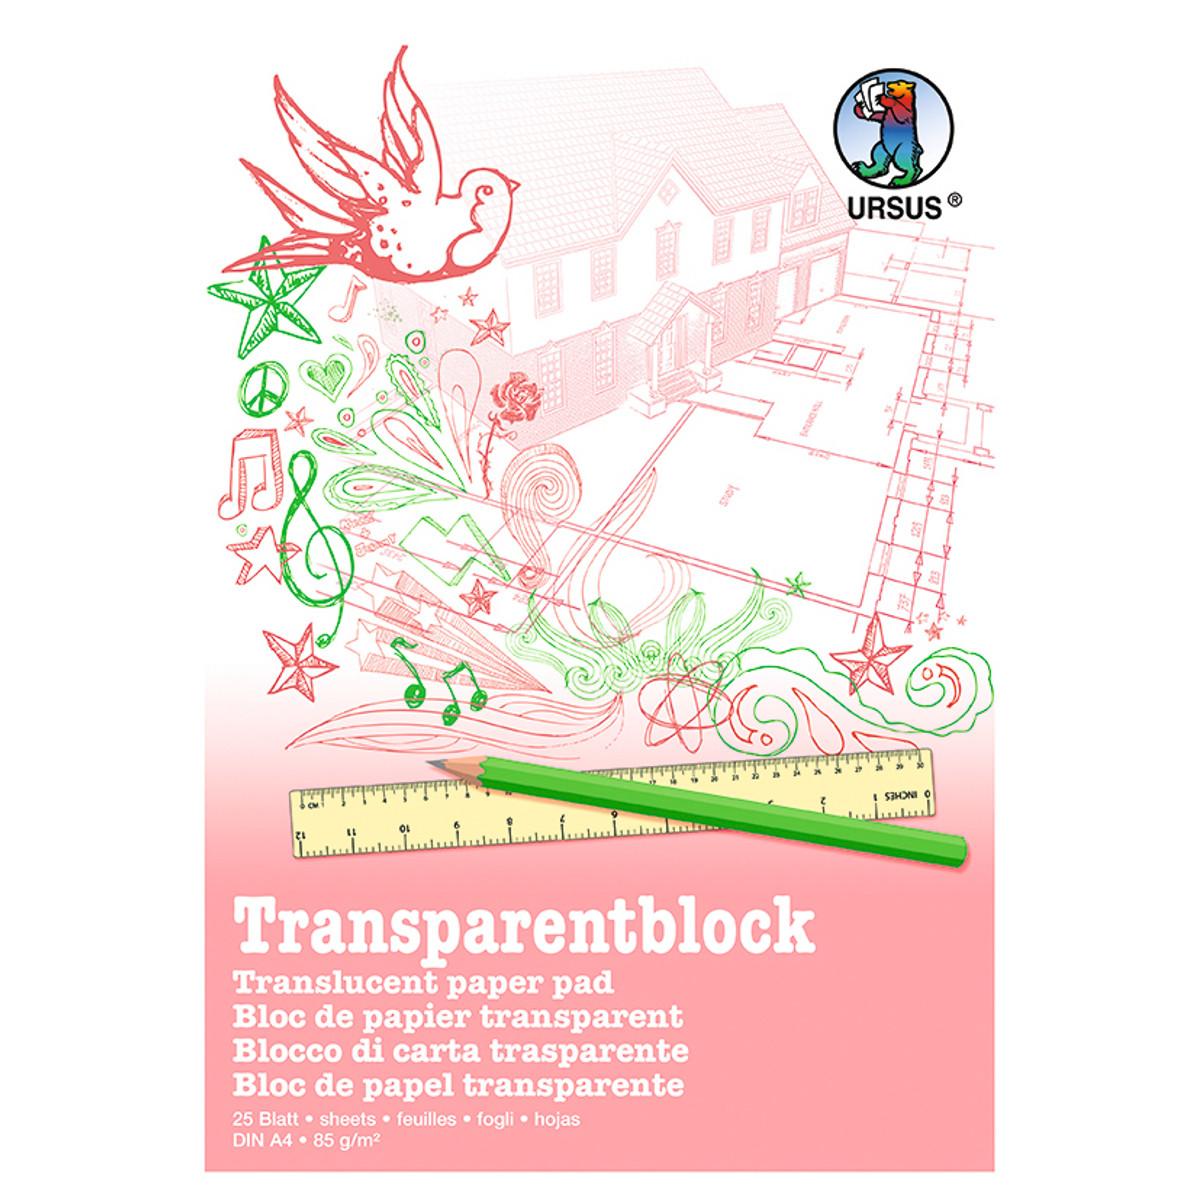 Transparentblock 85 g/qm DIN A4 - 25 Blatt